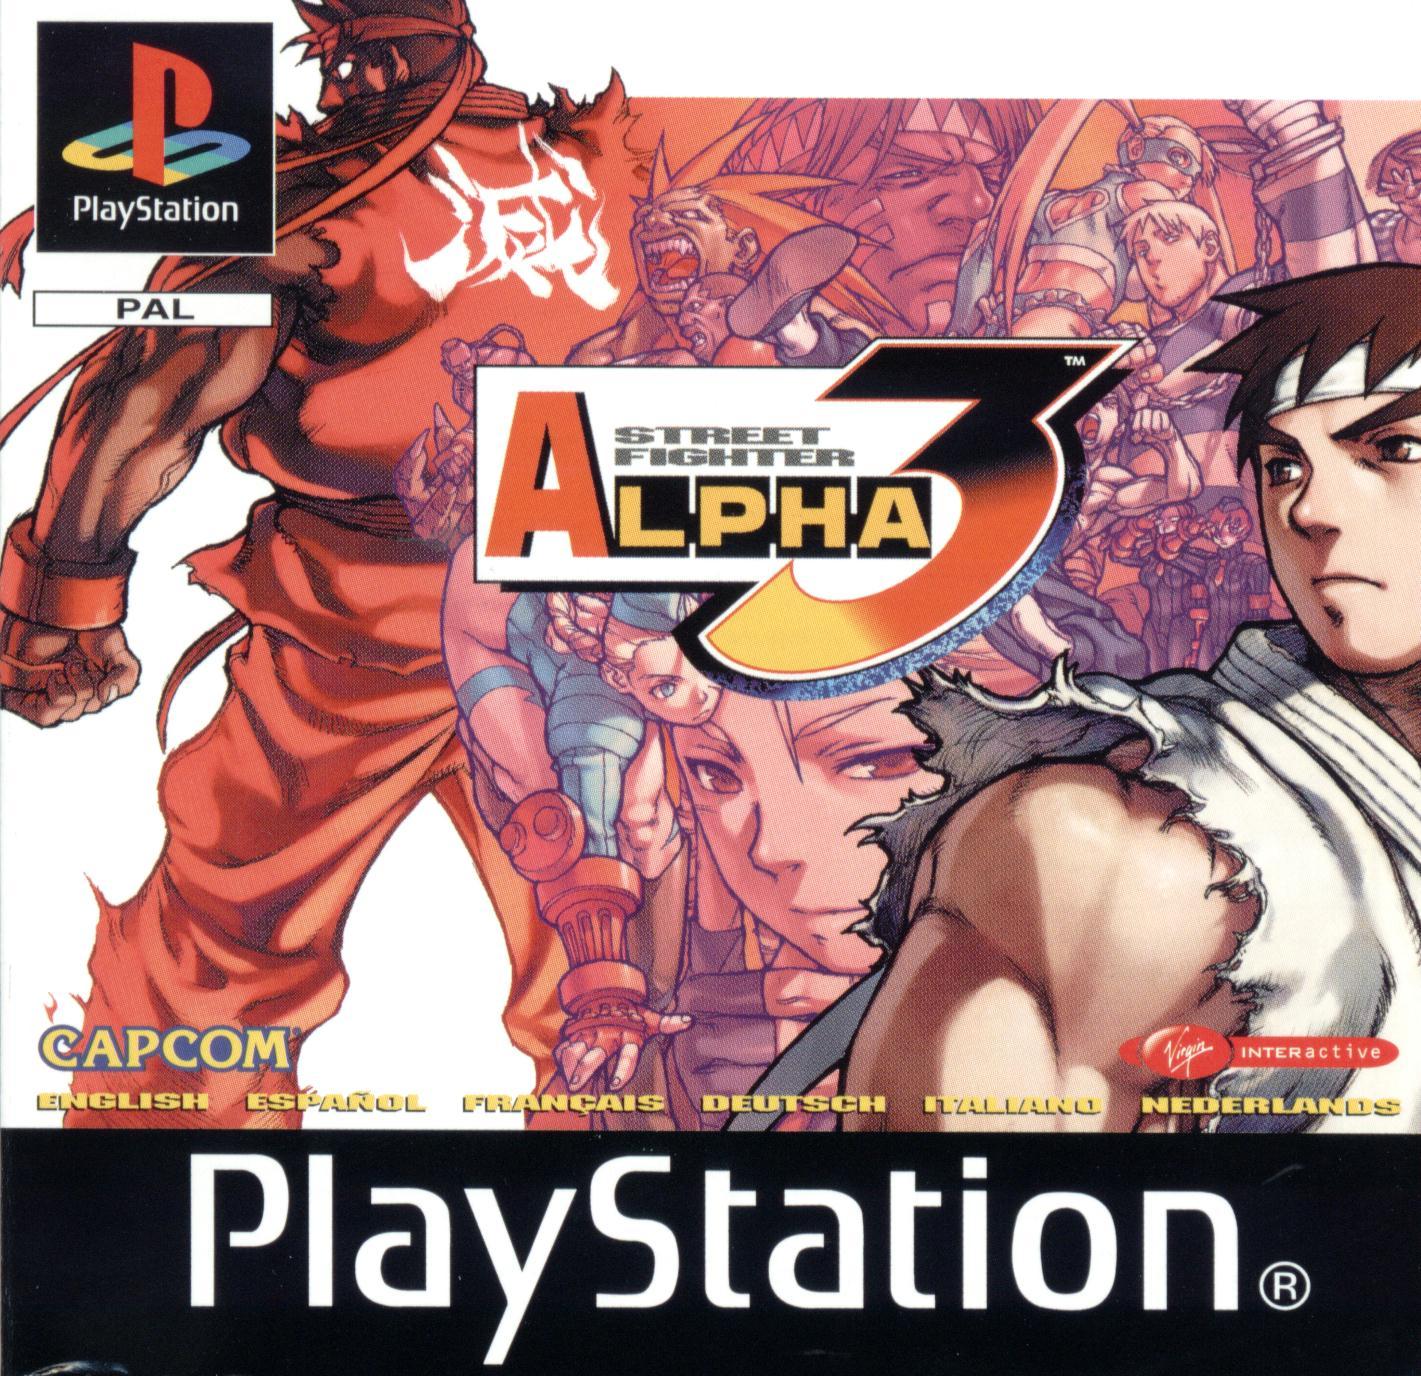 Falando um pouco sobre o Street Fighter Alpha 3